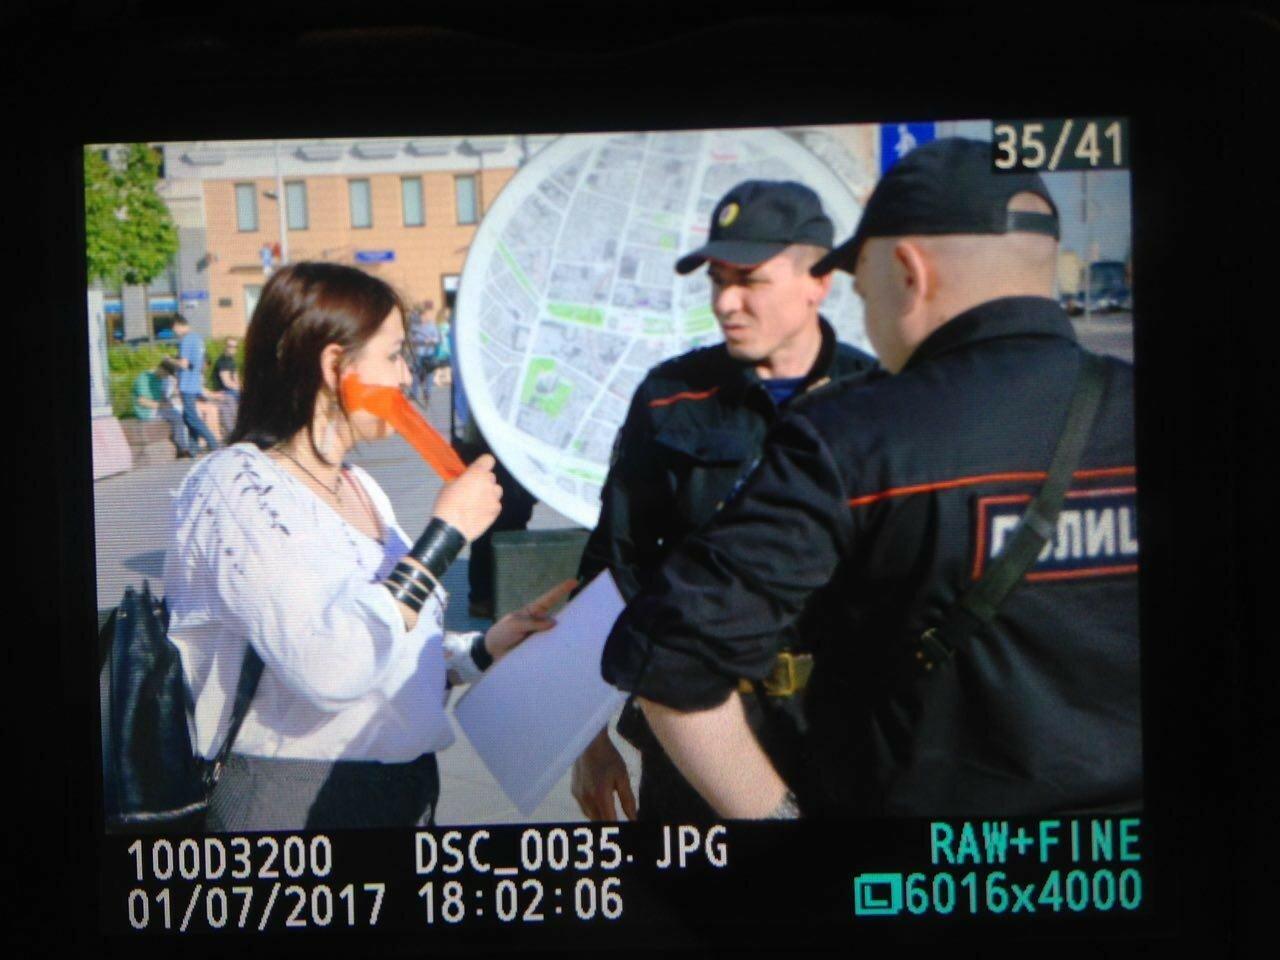 В Москве полиция задержала активистов с чистыми листами бумаги